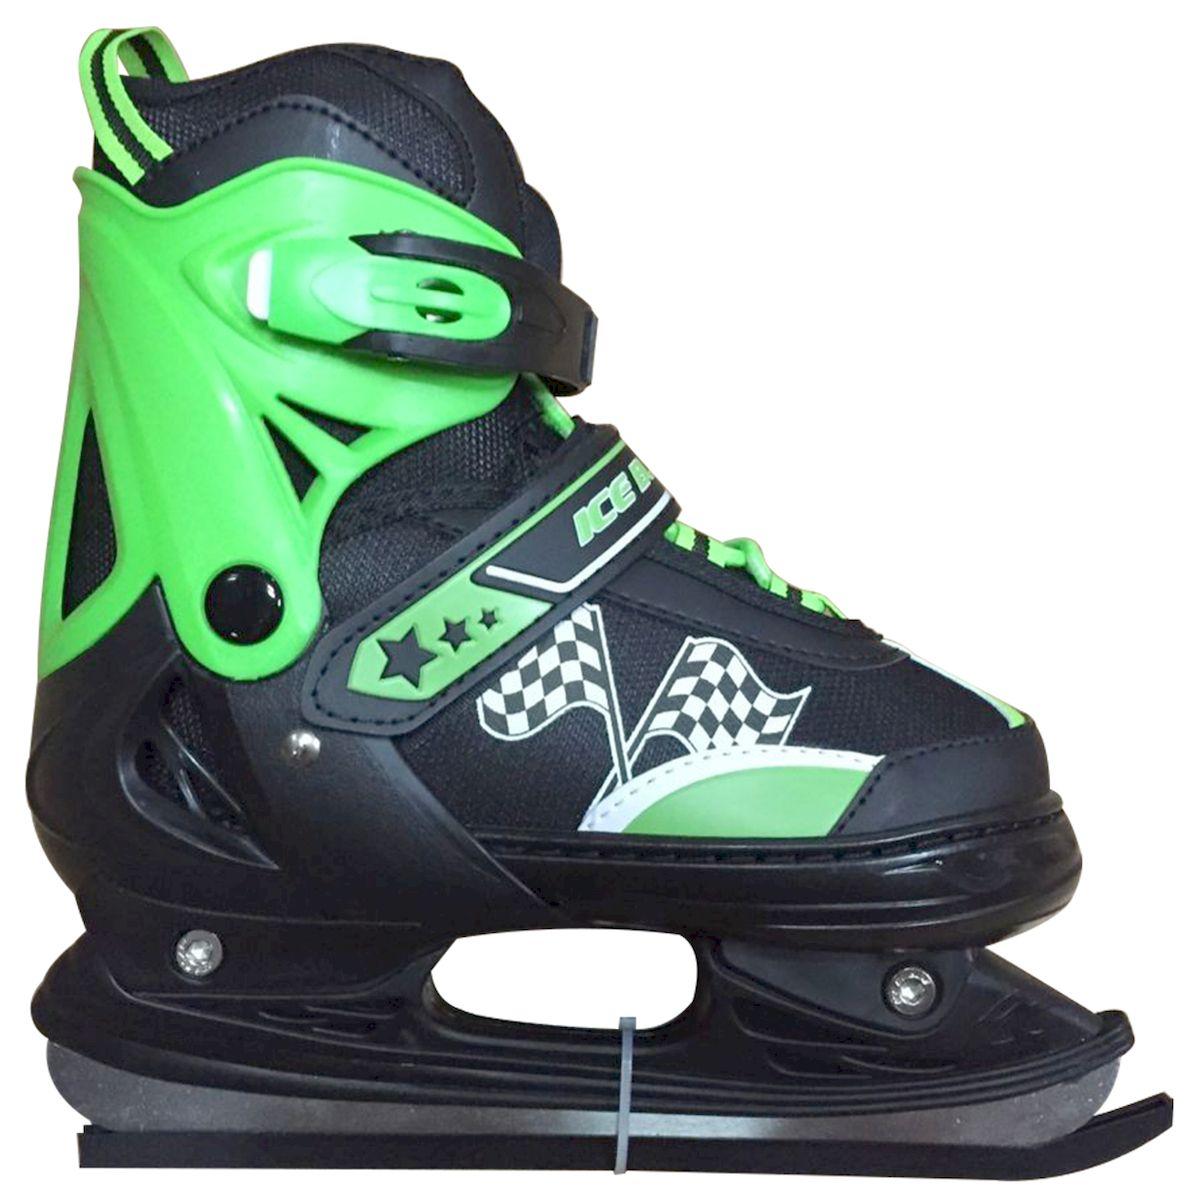 Коньки ледовые Ice Blade Winner, раздвижные, цвет: черный, зеленый. УТ-00006879. Размер M (35/38)